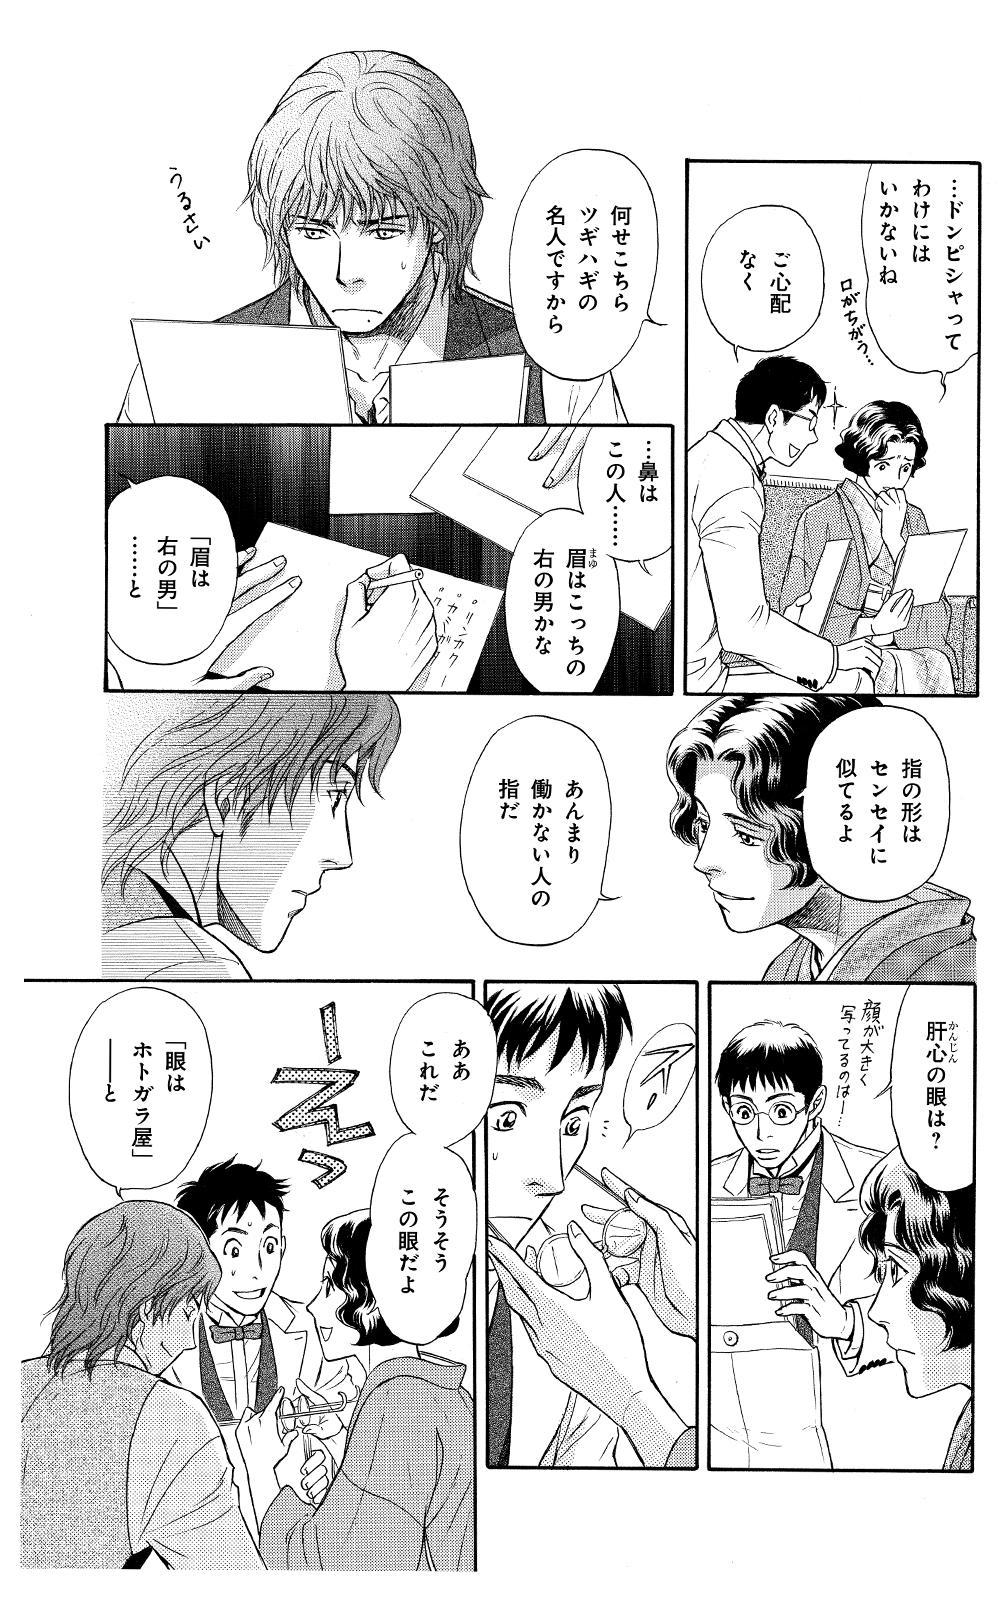 鵼の絵師 第2話「おきみやげ」①nue03-11.jpg